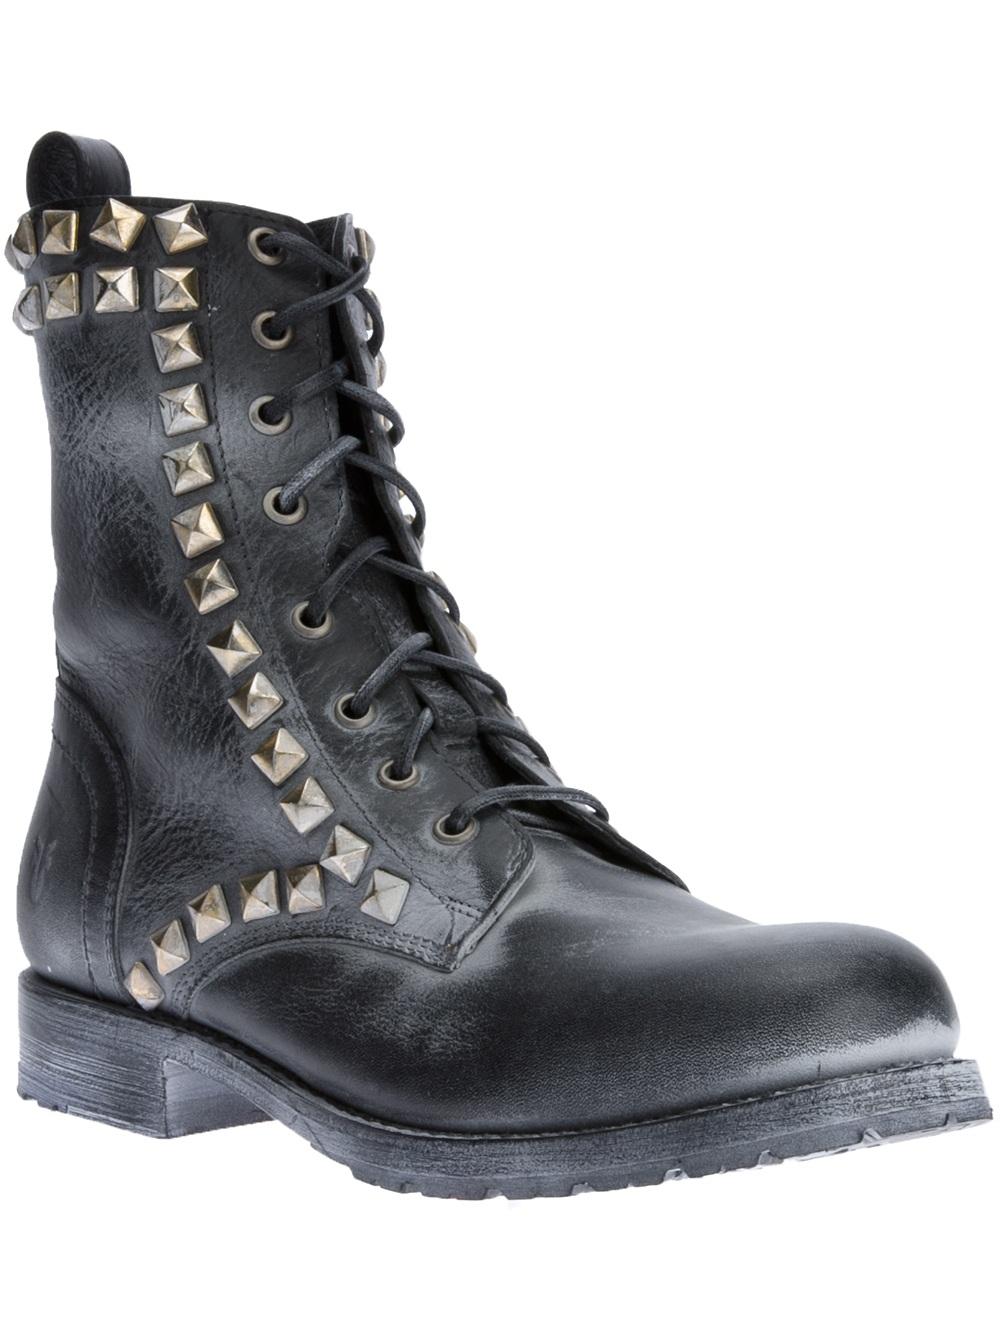 1352e0d78fa9 Lyst - Frye Rogan Biker Boots in Black